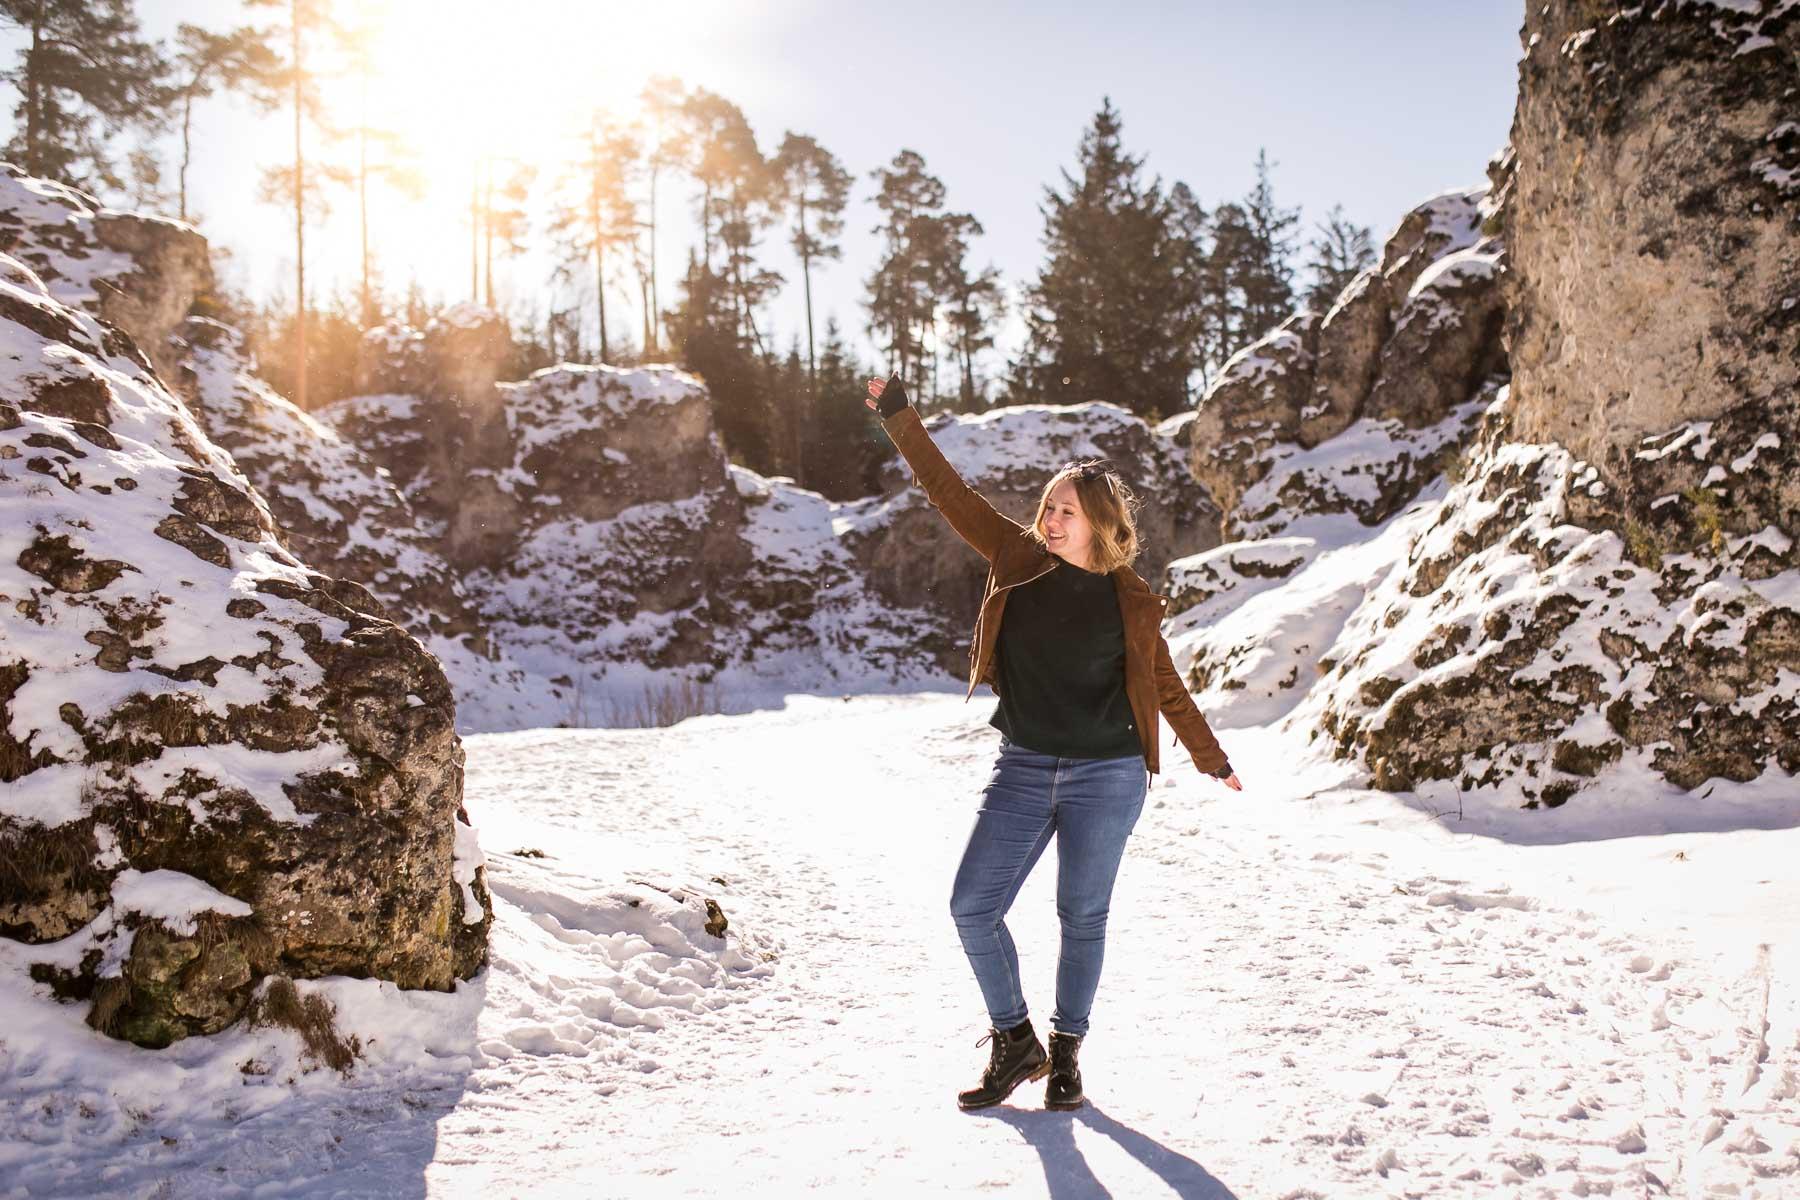 Fotoshooting im Wental bei Heidenheim im Winter